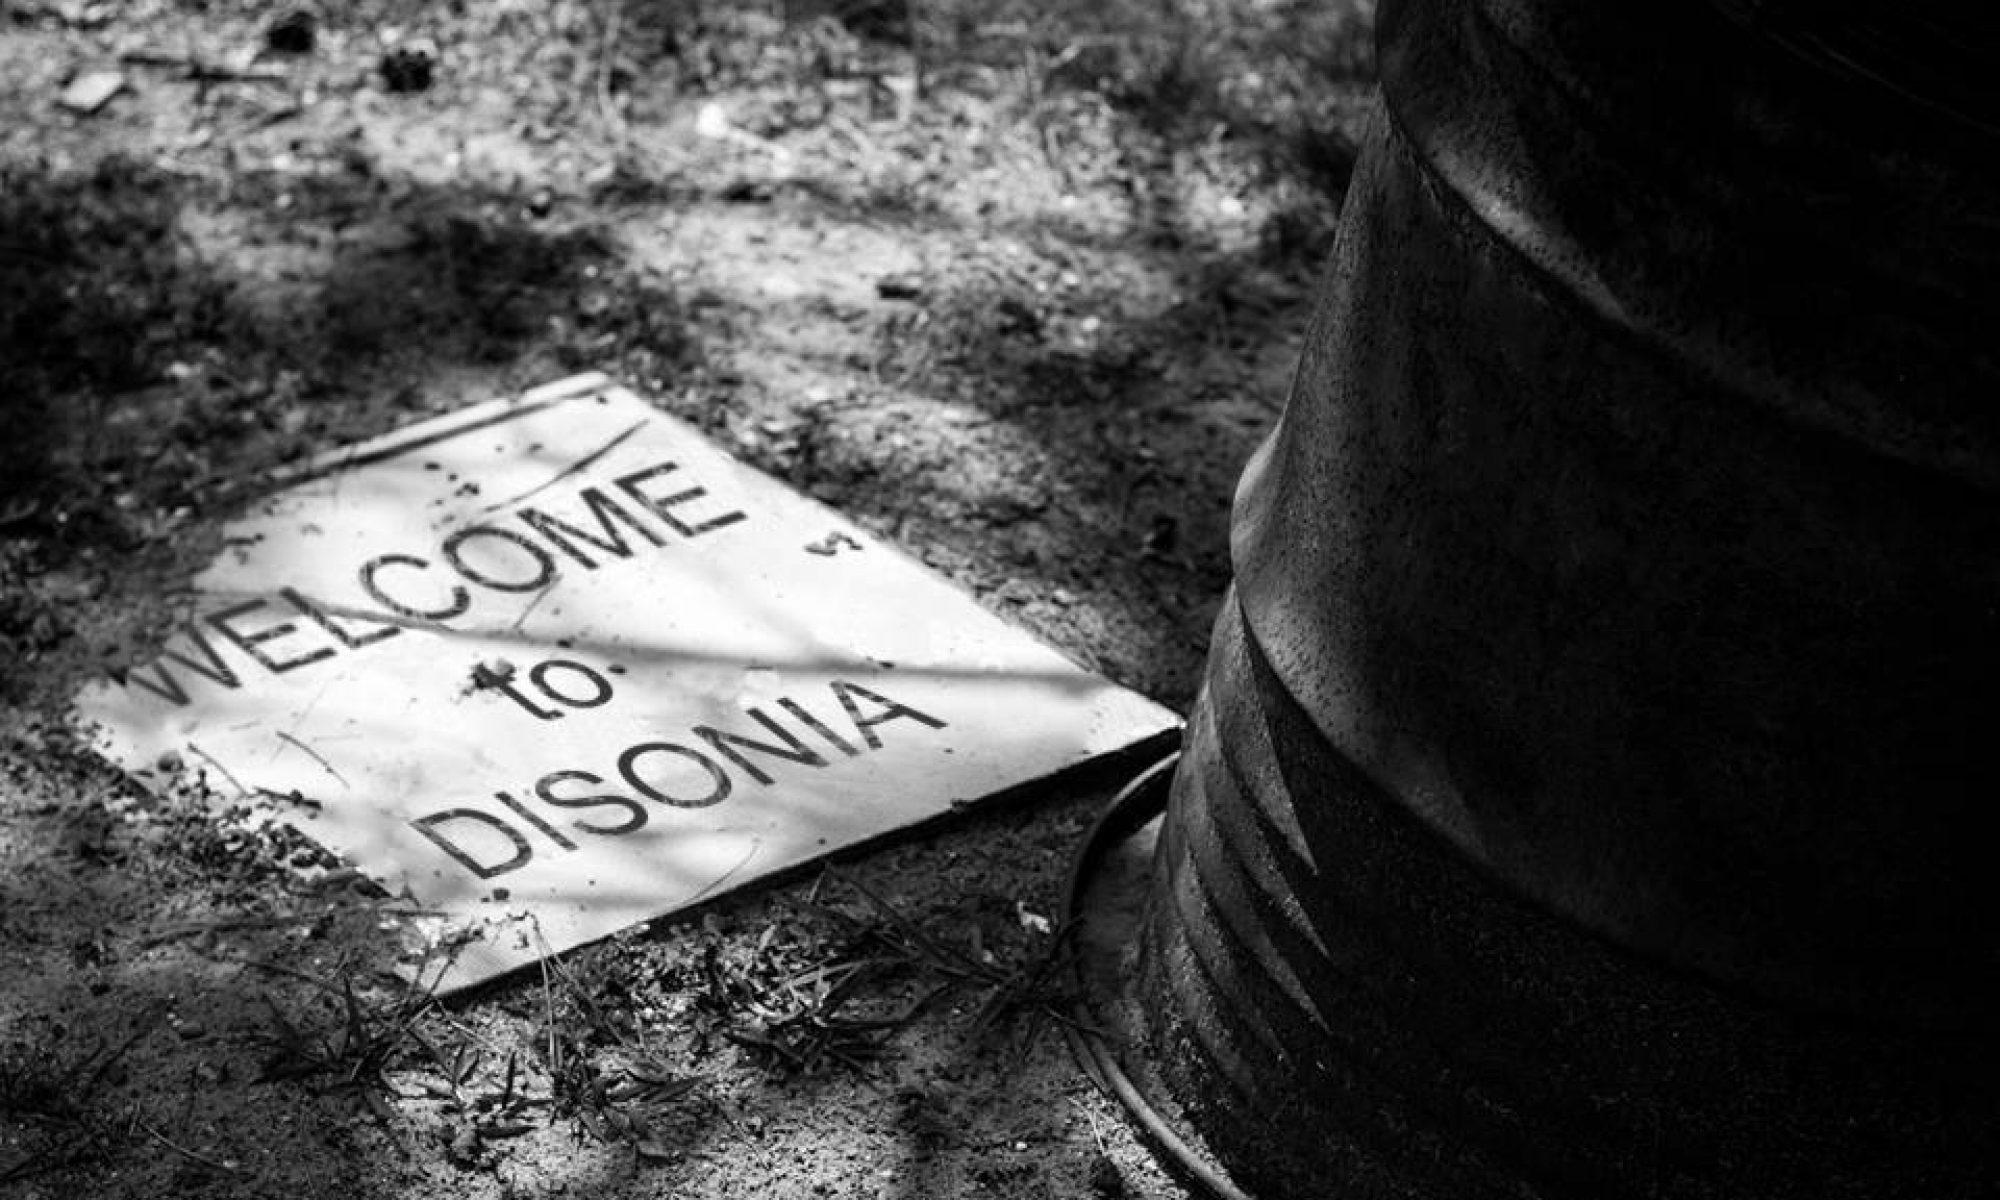 Disonia